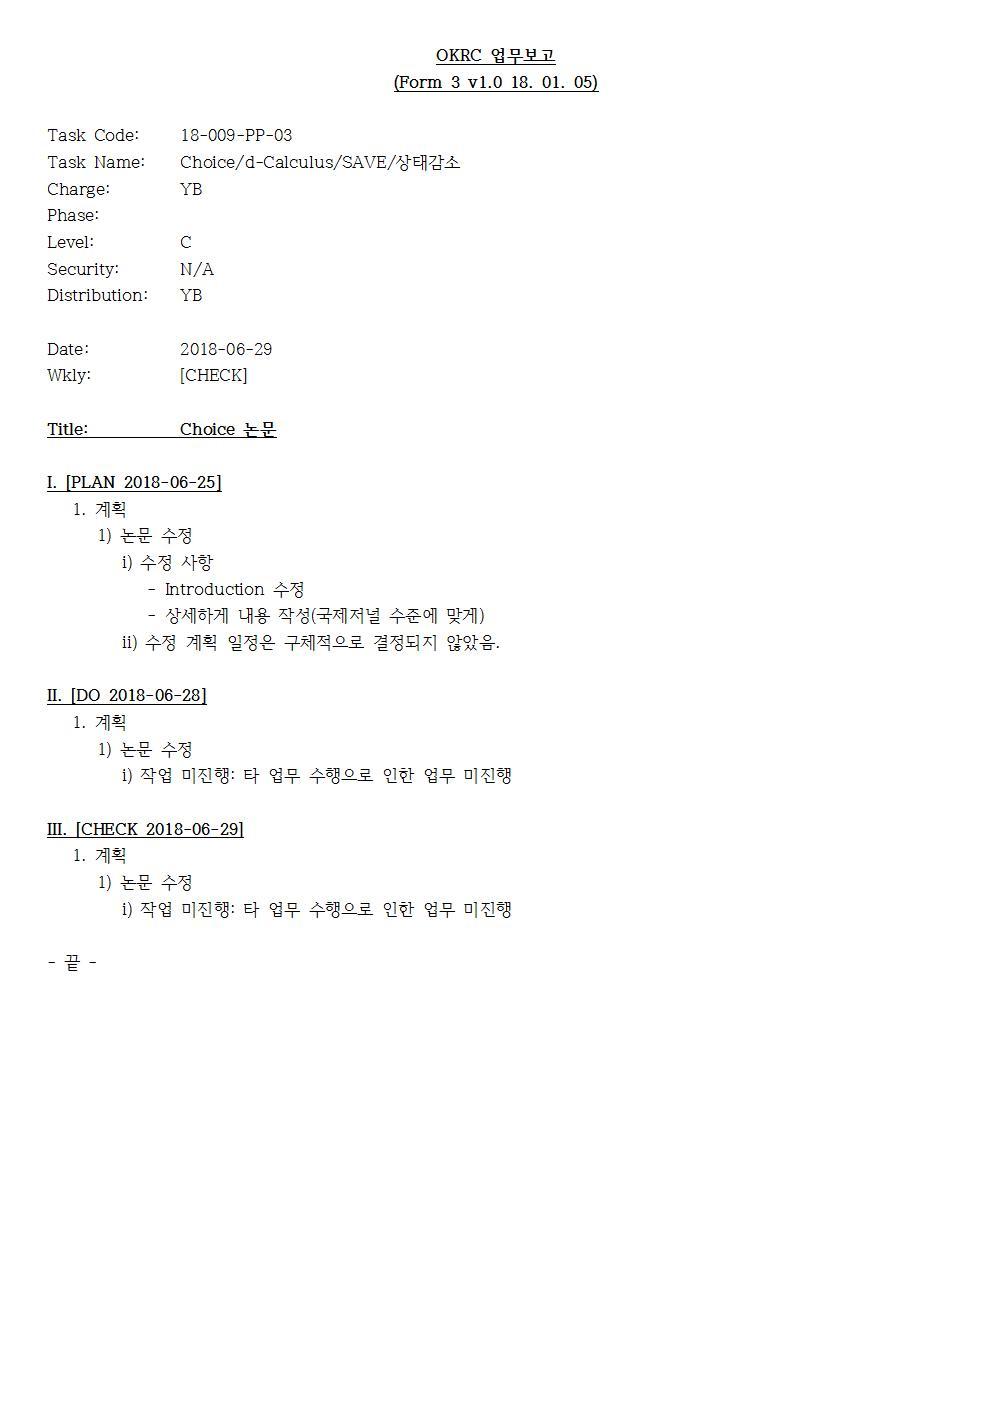 D-[18-009-PP-03]-[Choice]-[2018-06-29][YB]001.jpg